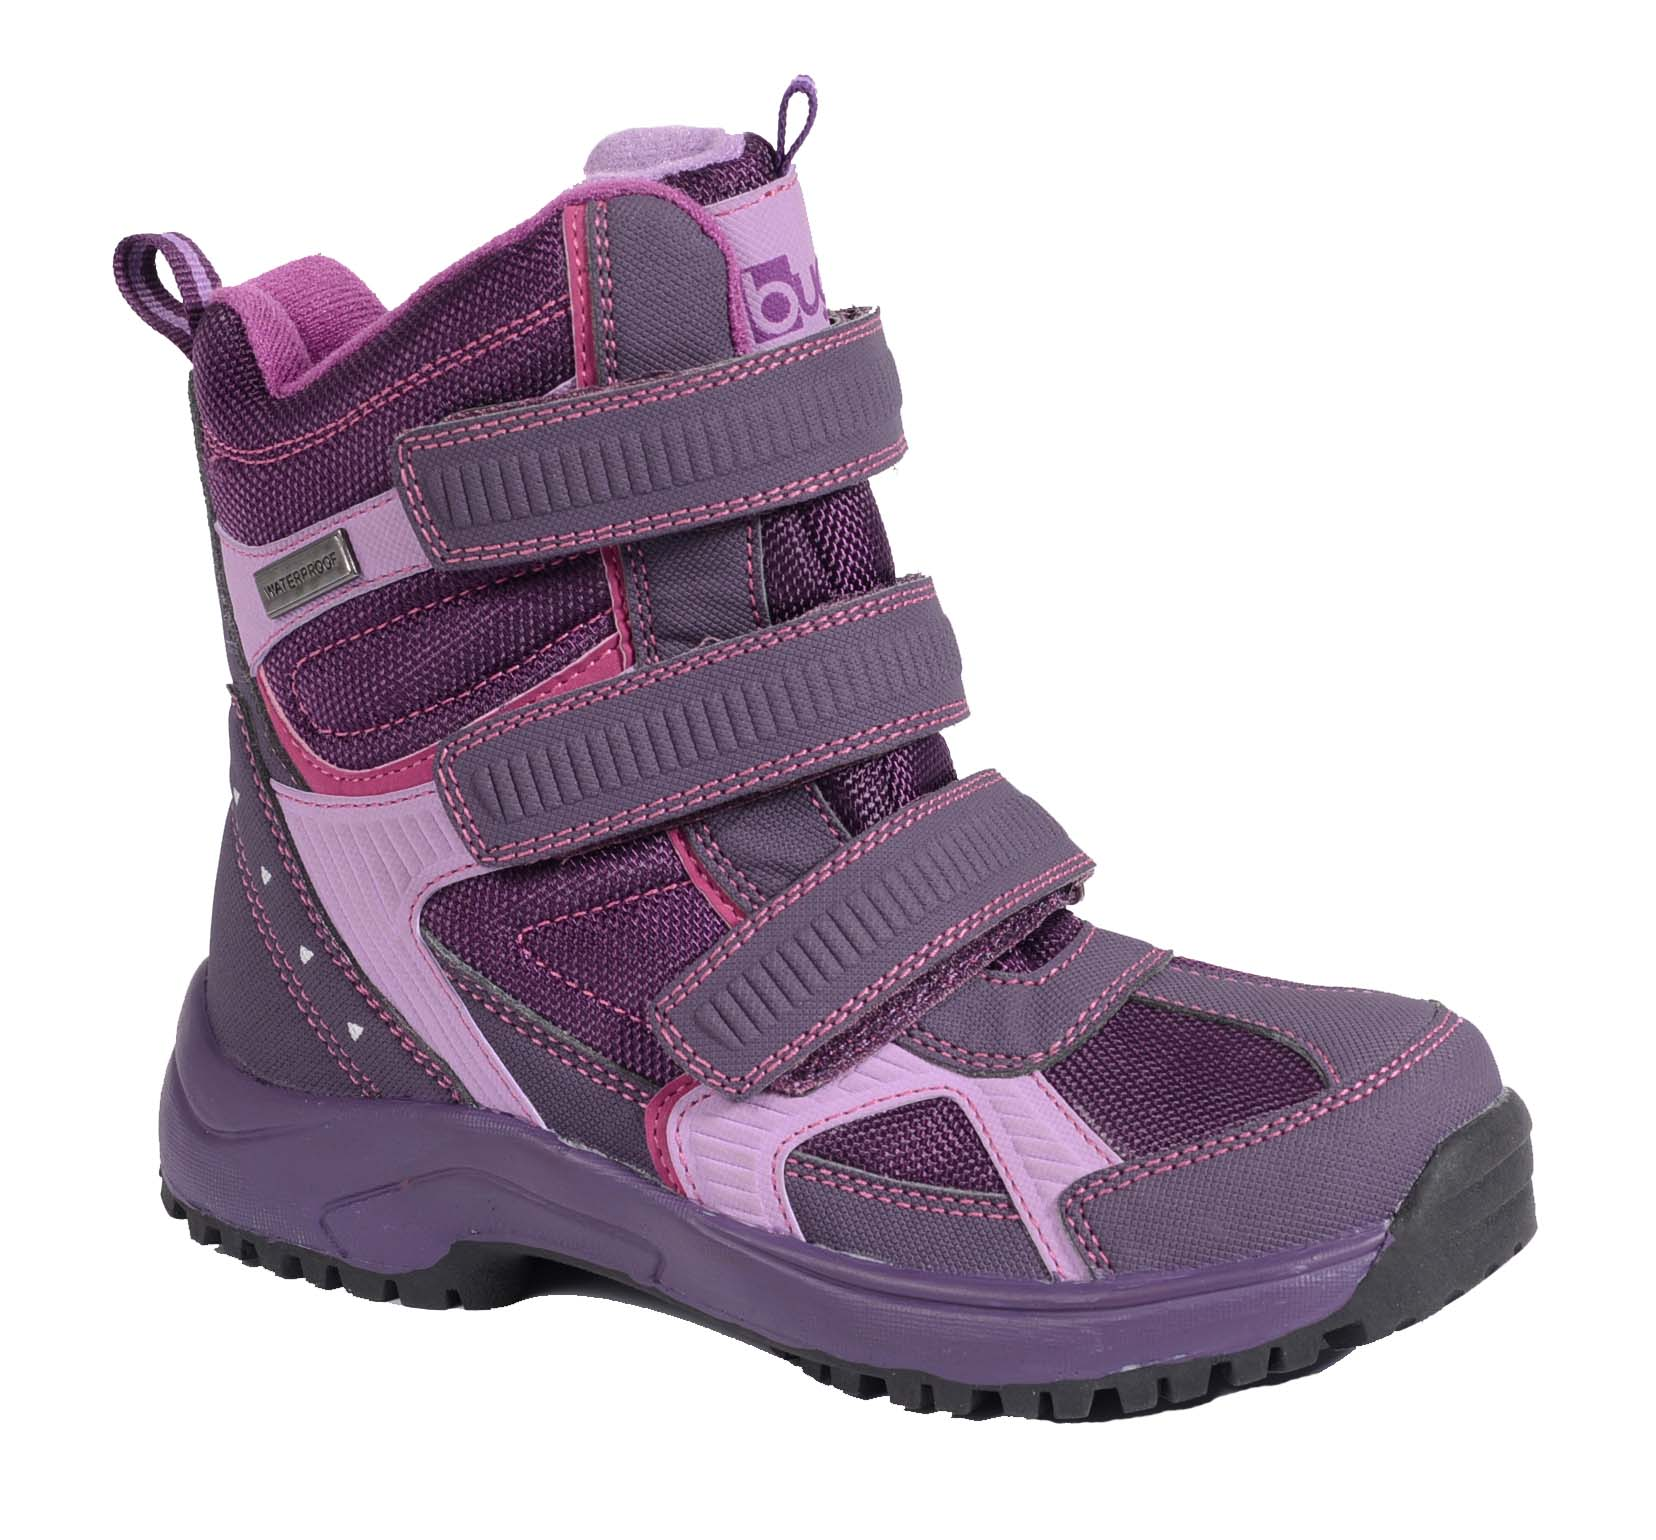 55910faf03a4b Bugga Dievčenské zimné topánky s membránou - fialové, EUR 30 ...